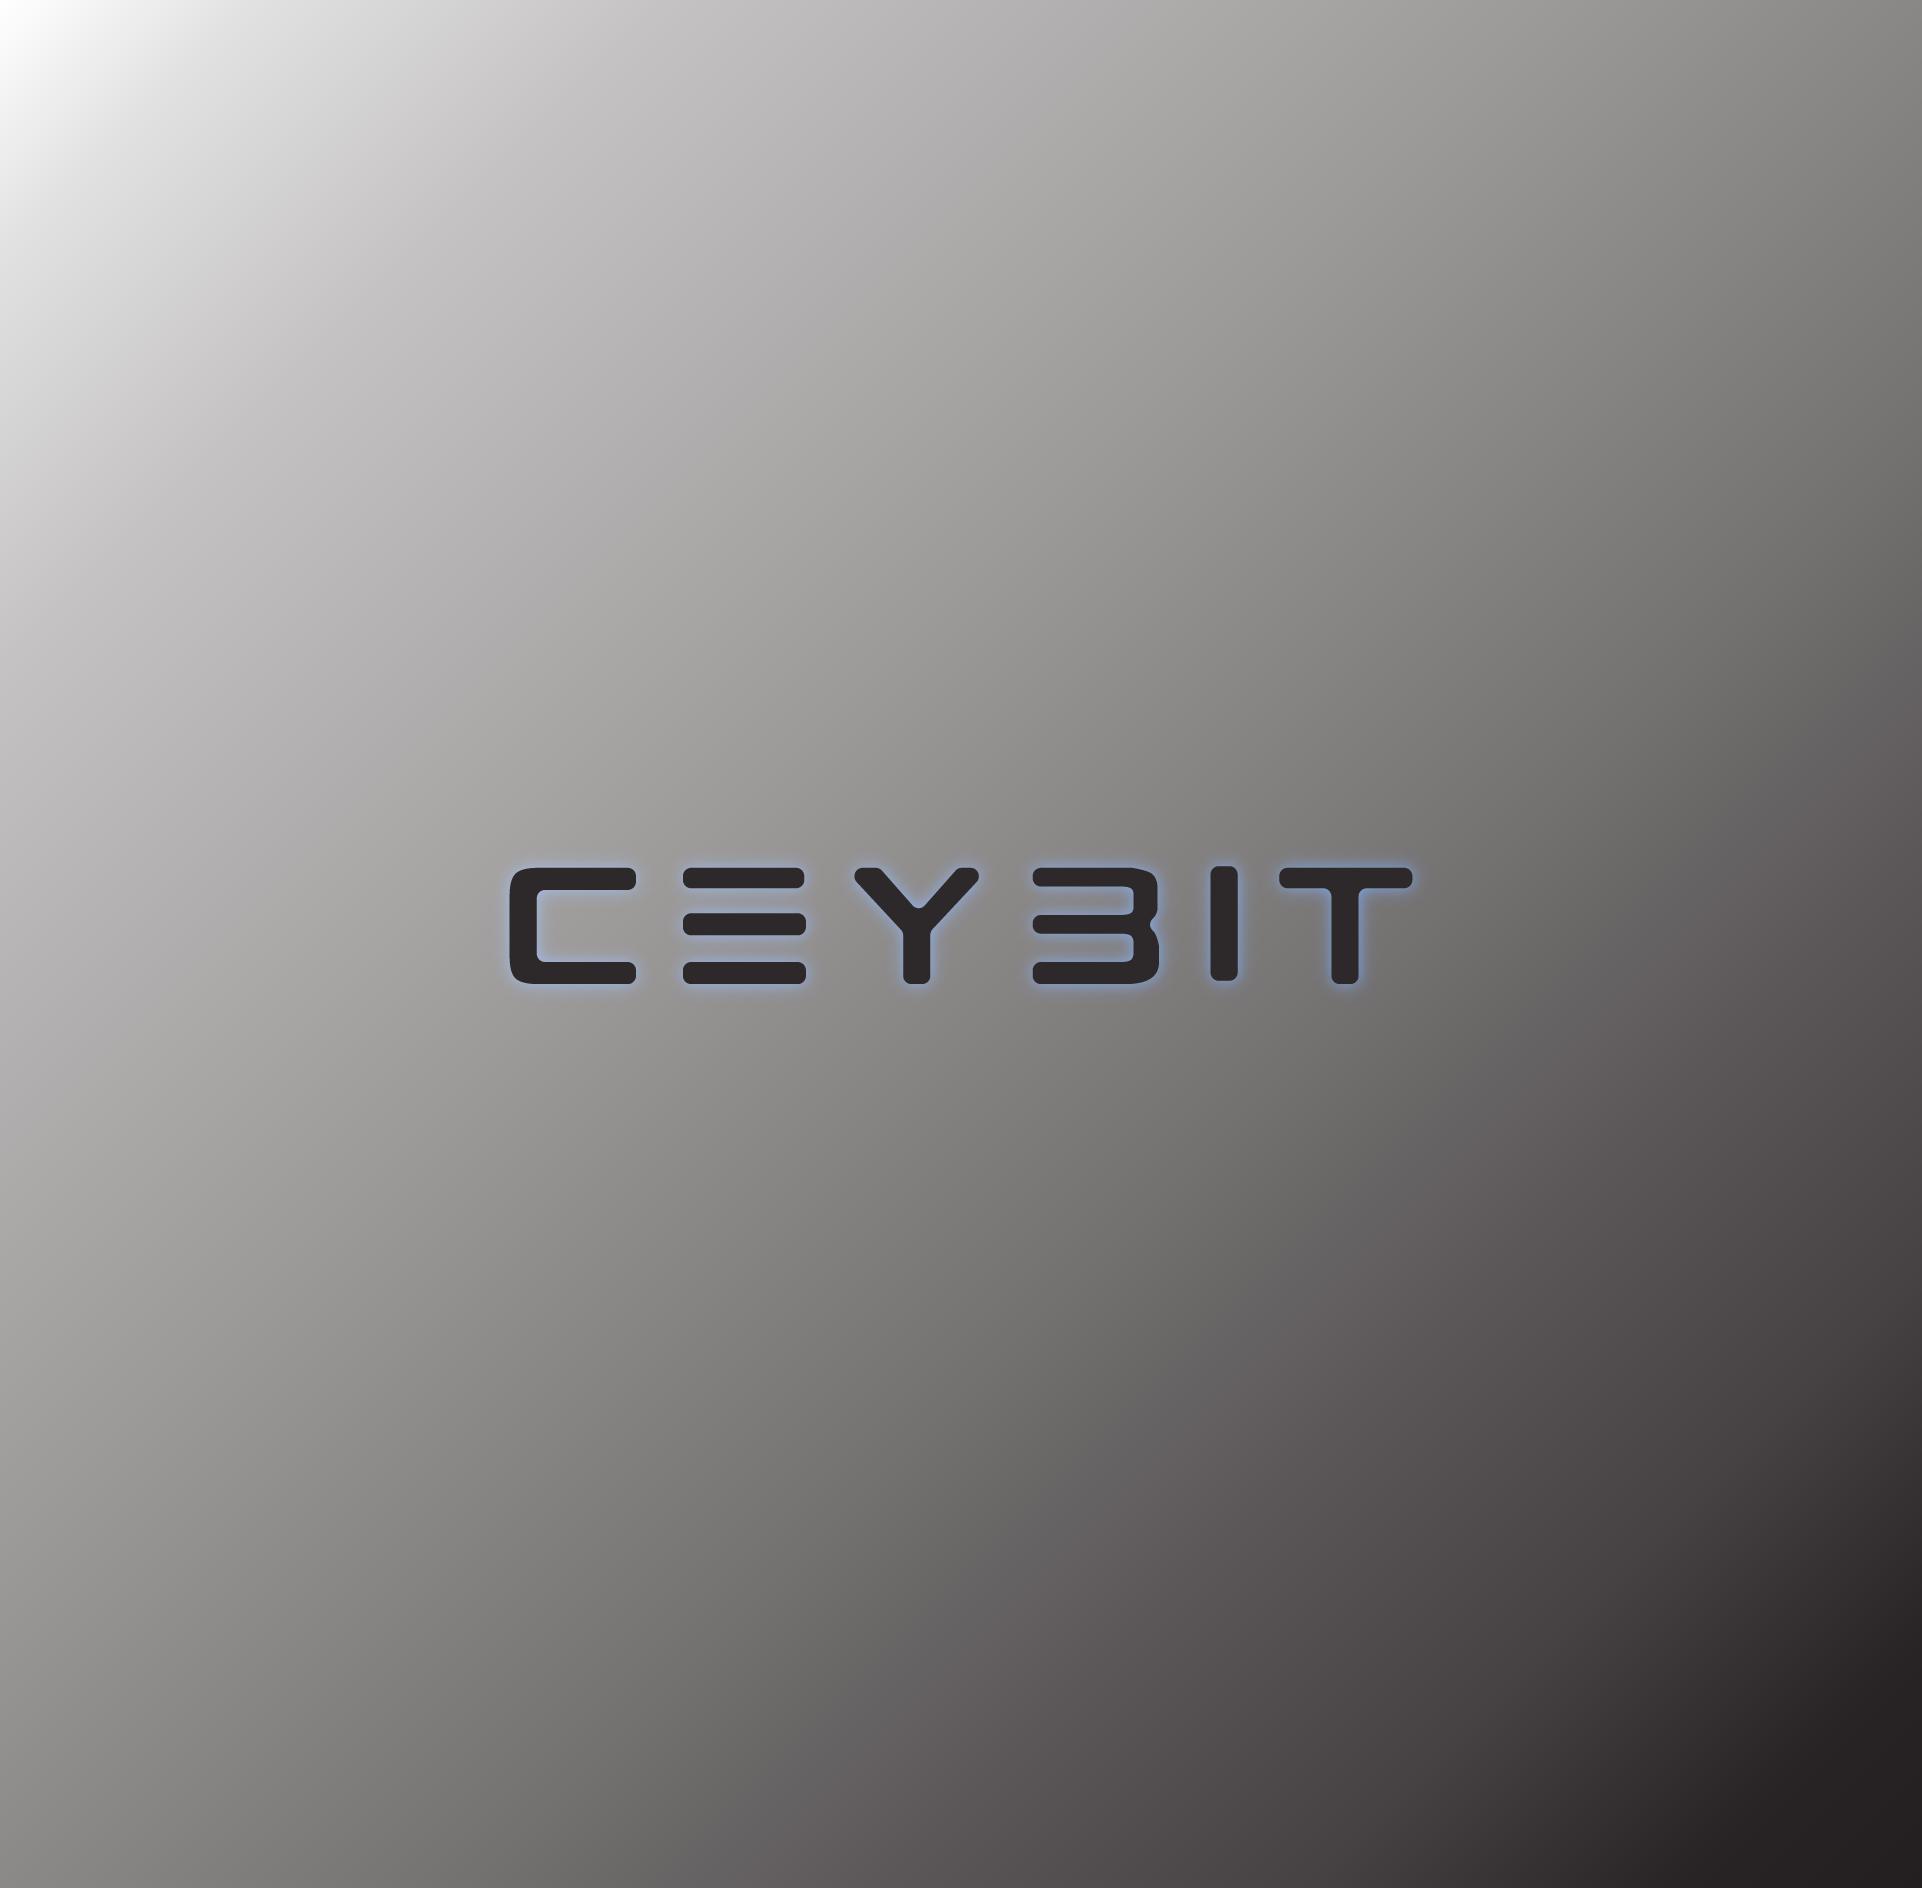 C Ξ Y B I T